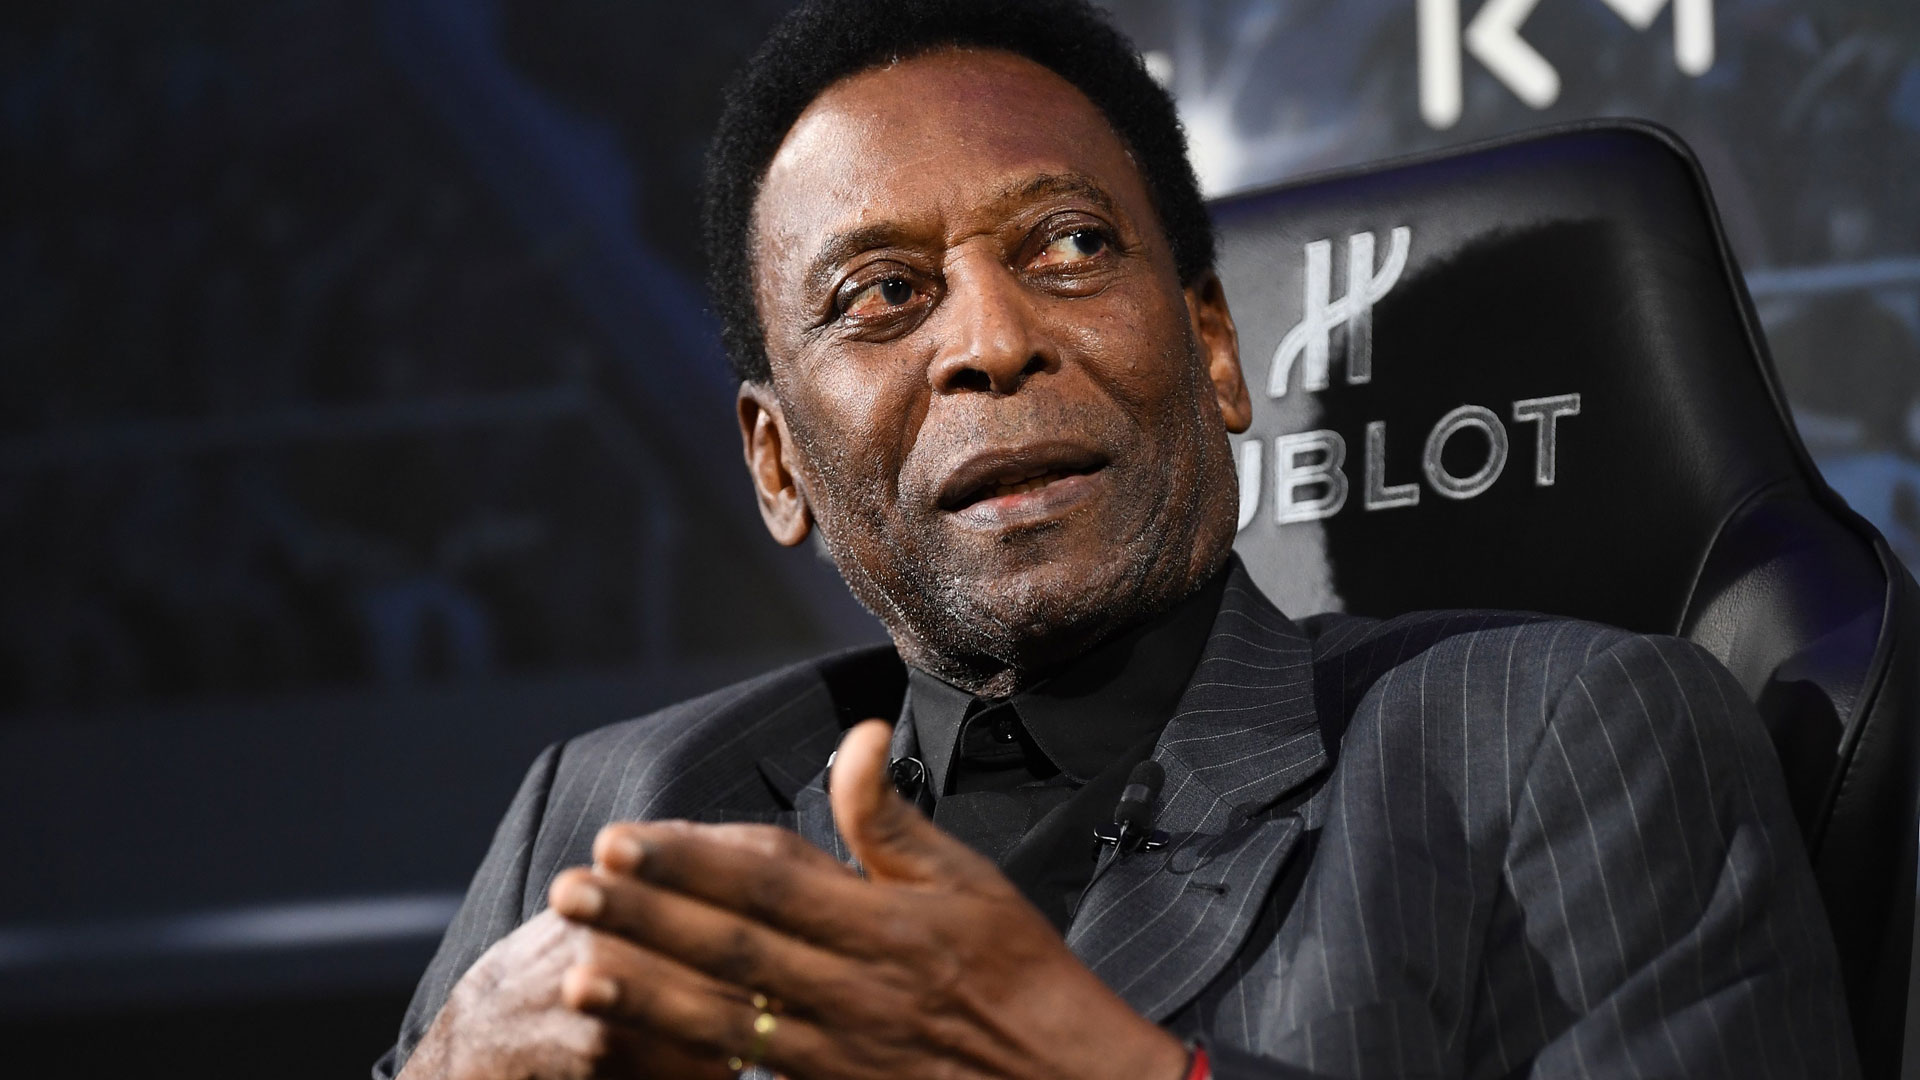 Pelé reta a Cristiano Ronaldo a romper su récord de goles